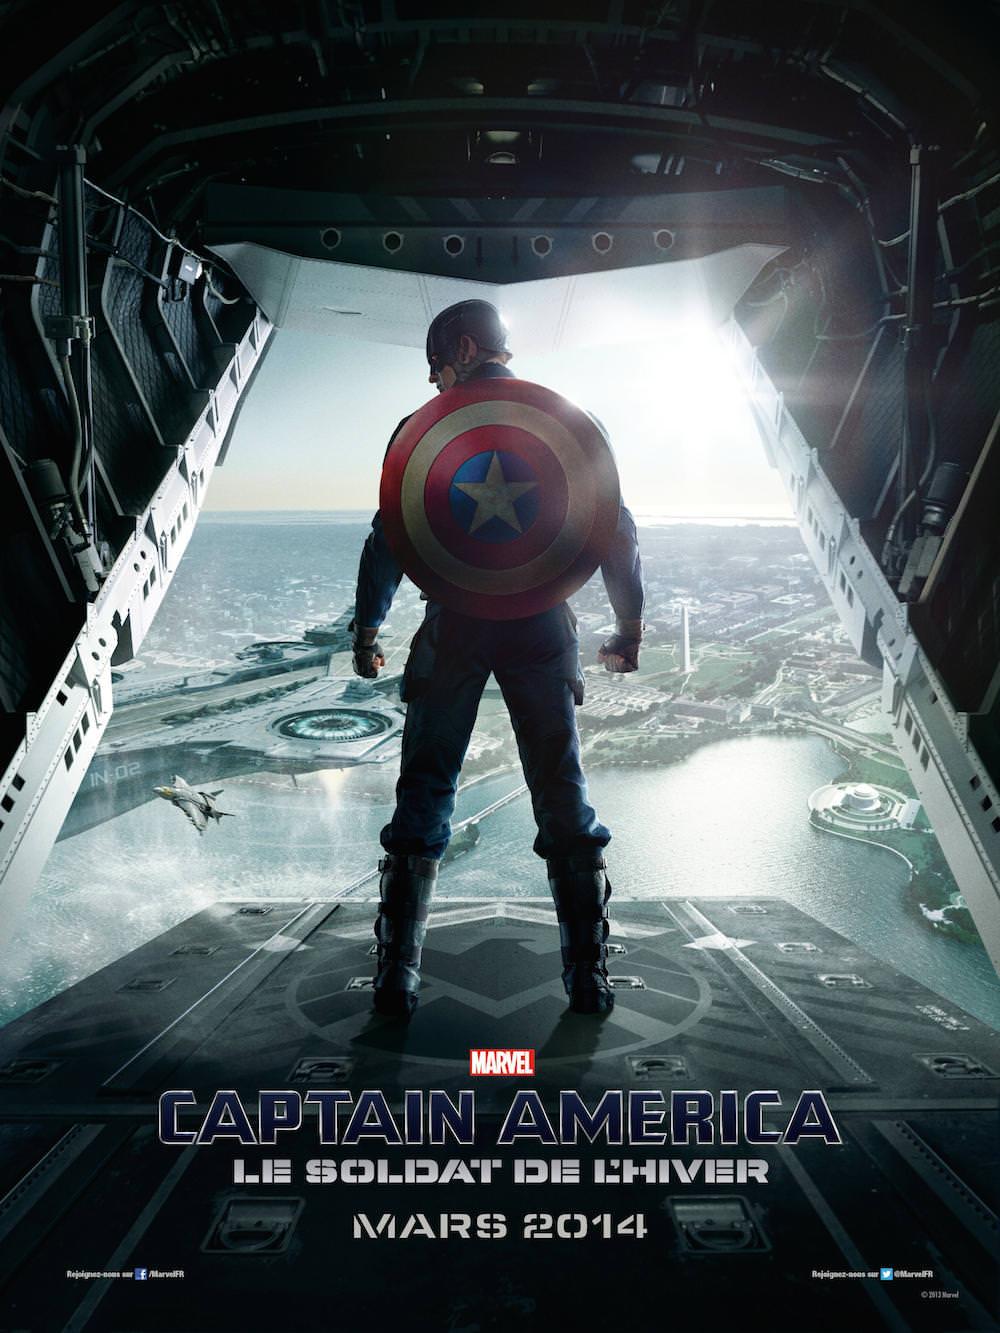 Captain america soldat hiver russo